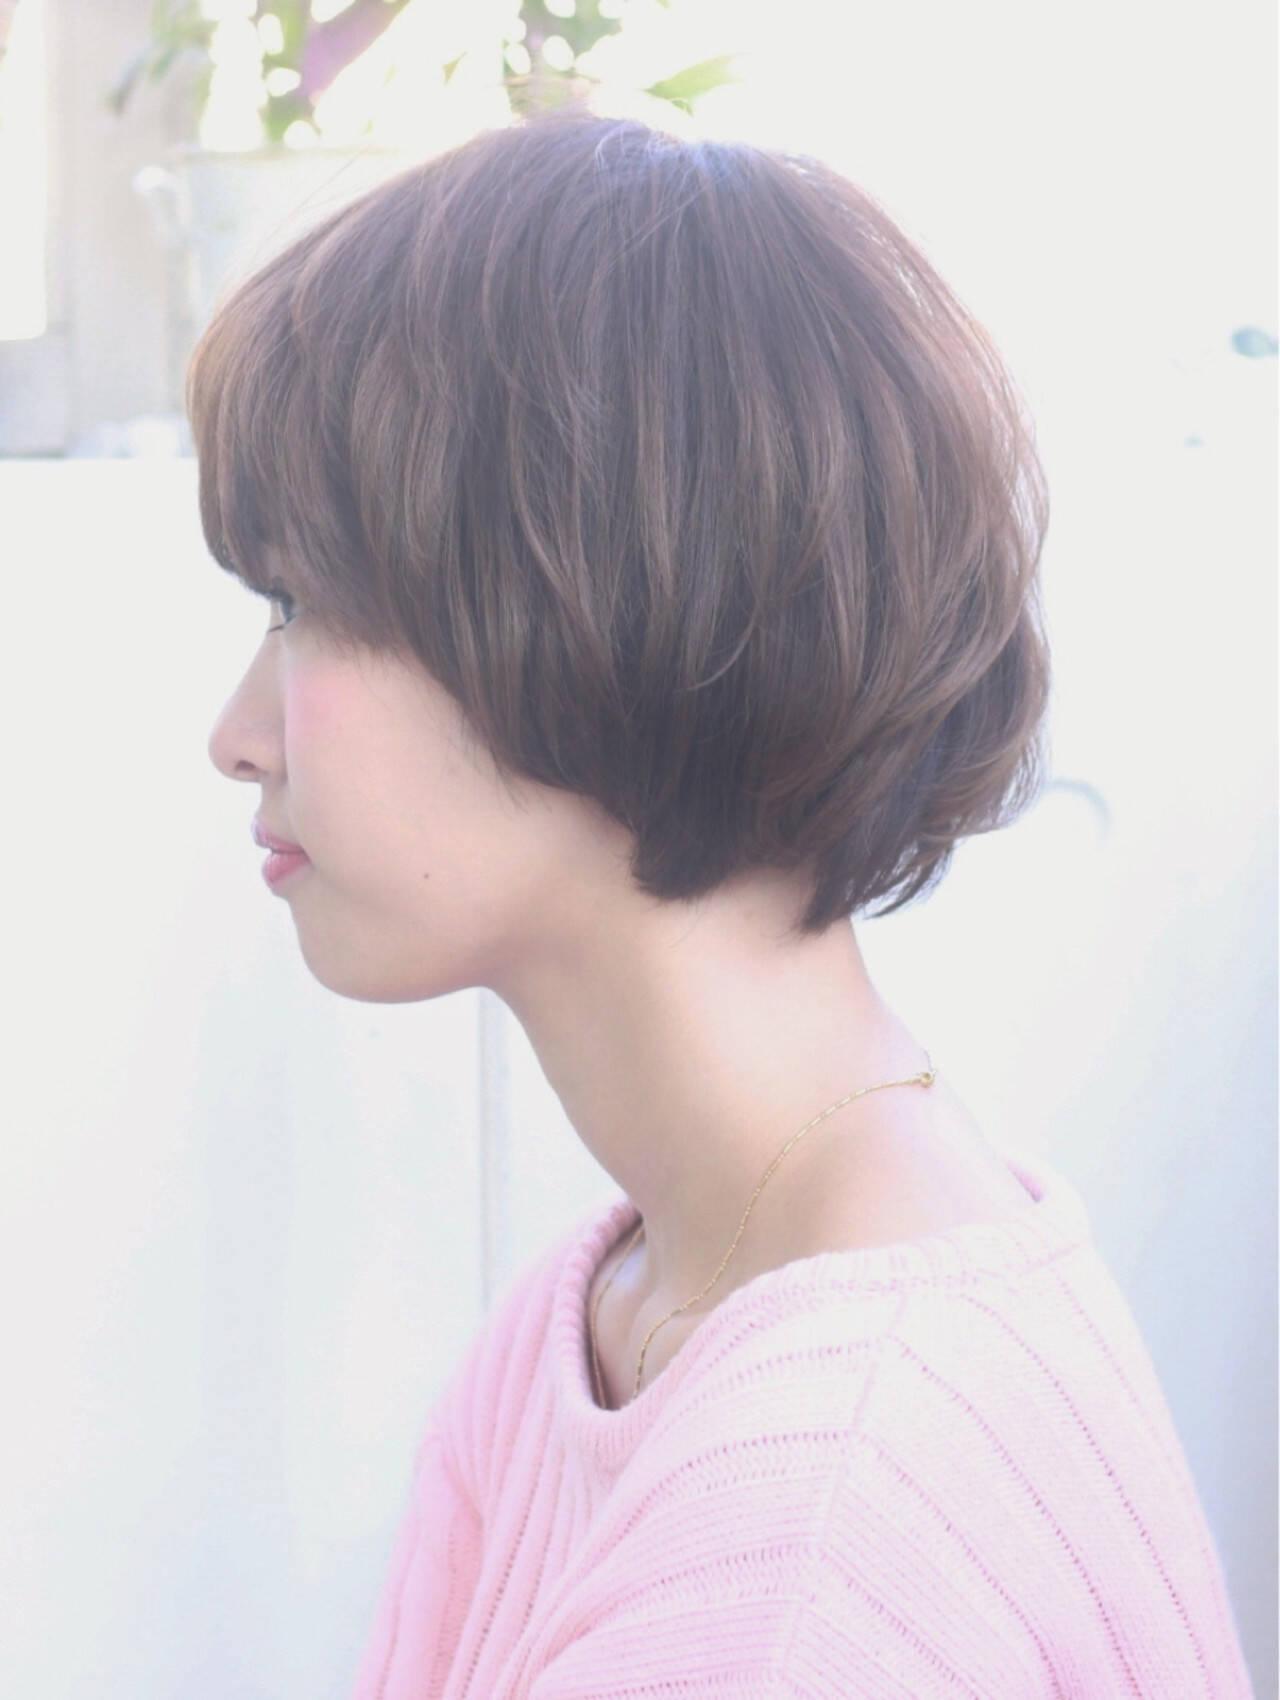 レイヤーカット 大人かわいい ナチュラル フェミニンヘアスタイルや髪型の写真・画像